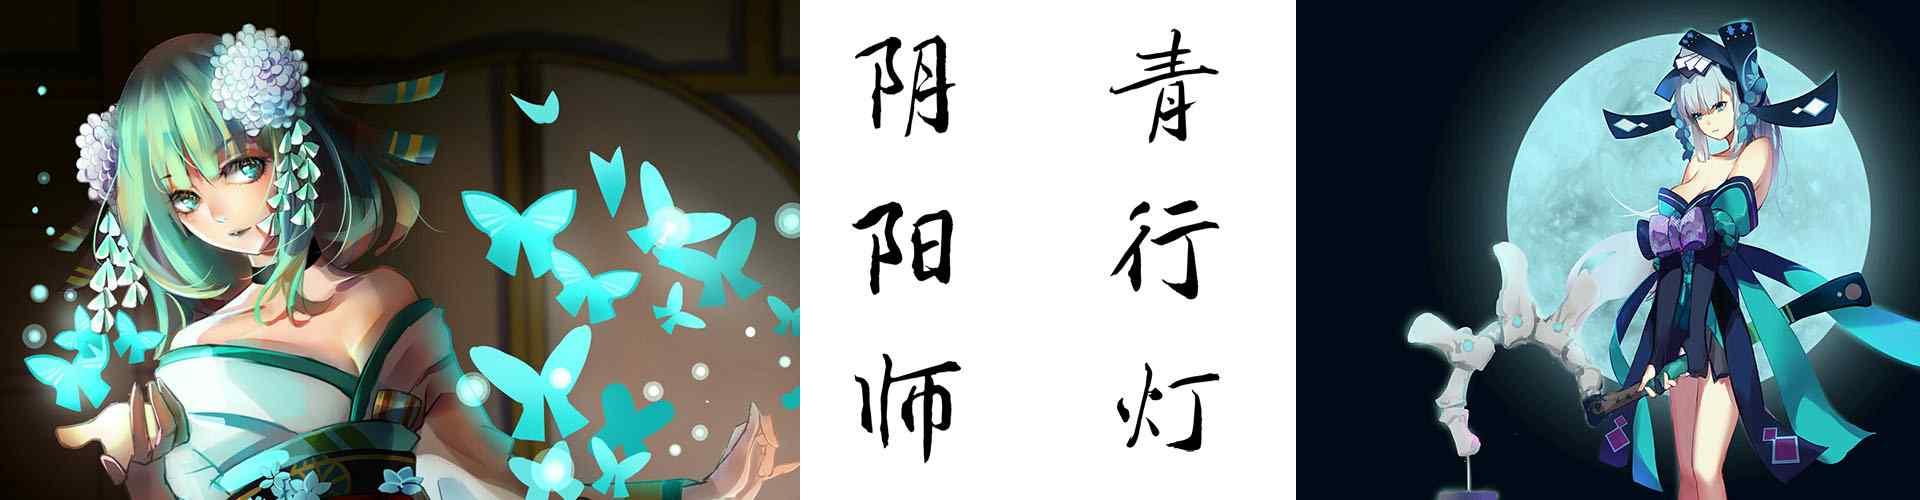 阴阳师青行灯_阴阳师手游、阴阳师式神_阴阳师青行灯图片_阴阳师游戏壁纸